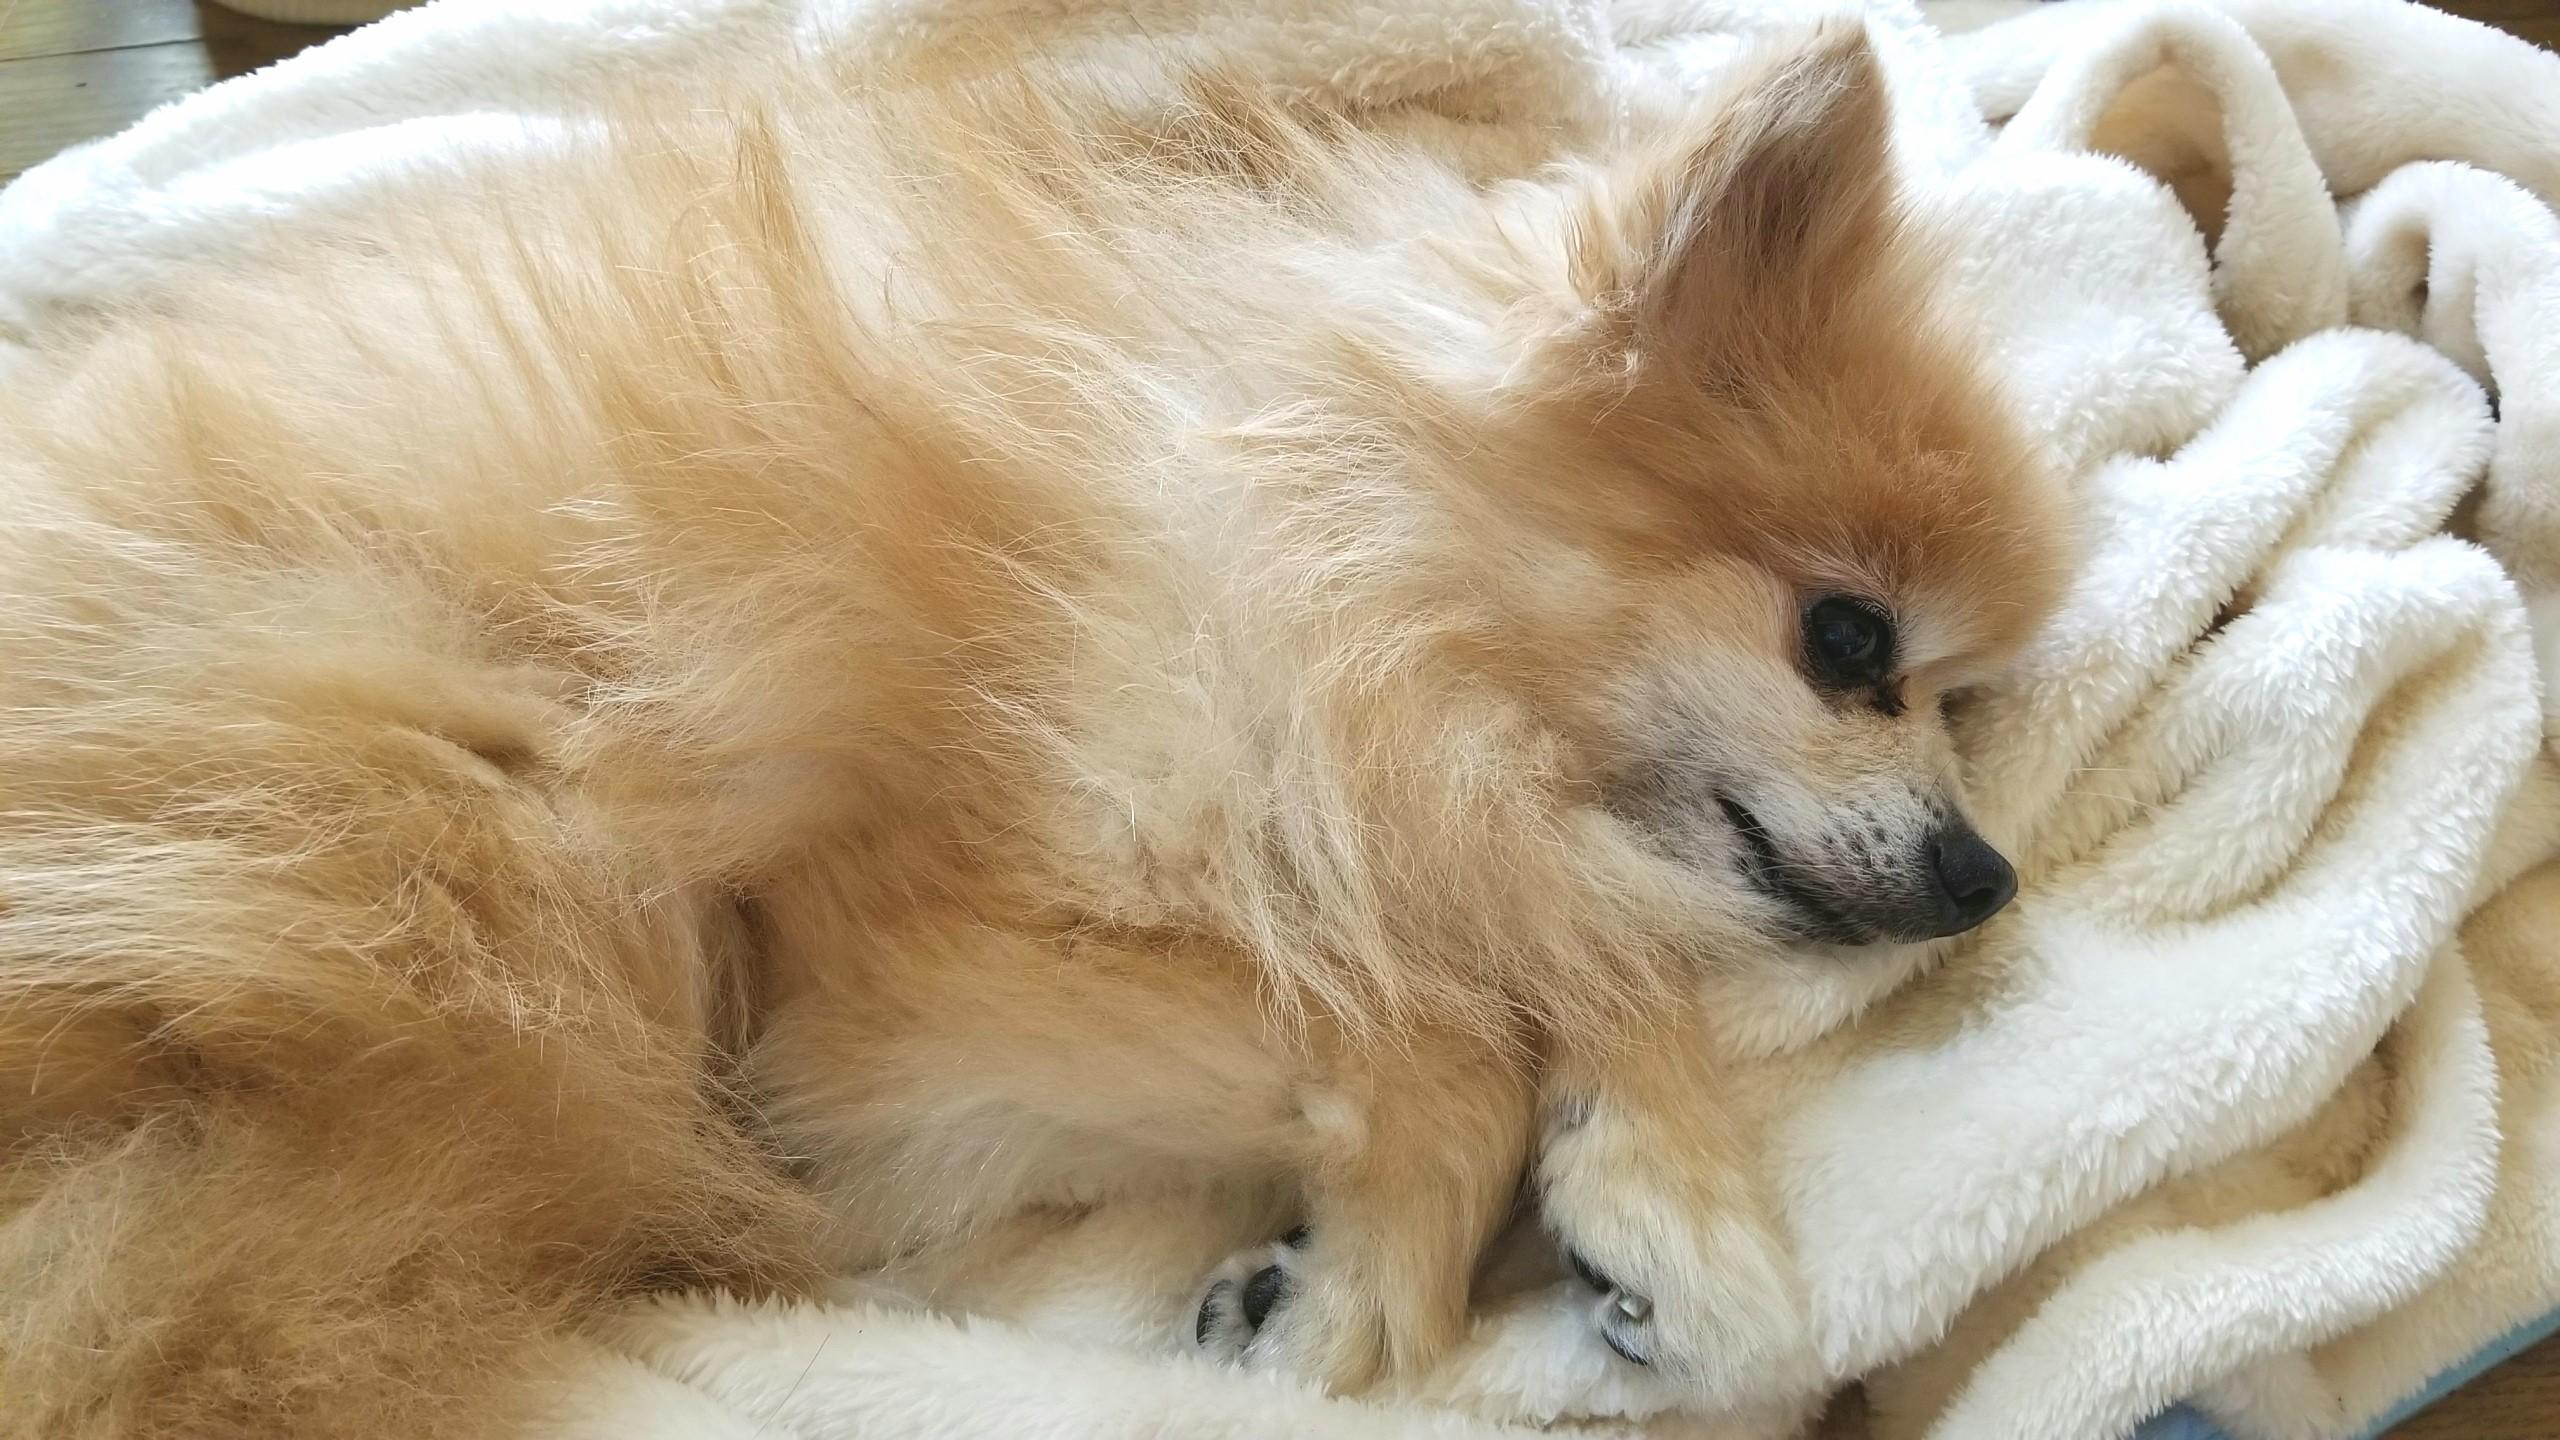 ポメラニアン,超可愛い,犬大好き,愛犬君,ペットは家族,ワンちゃん